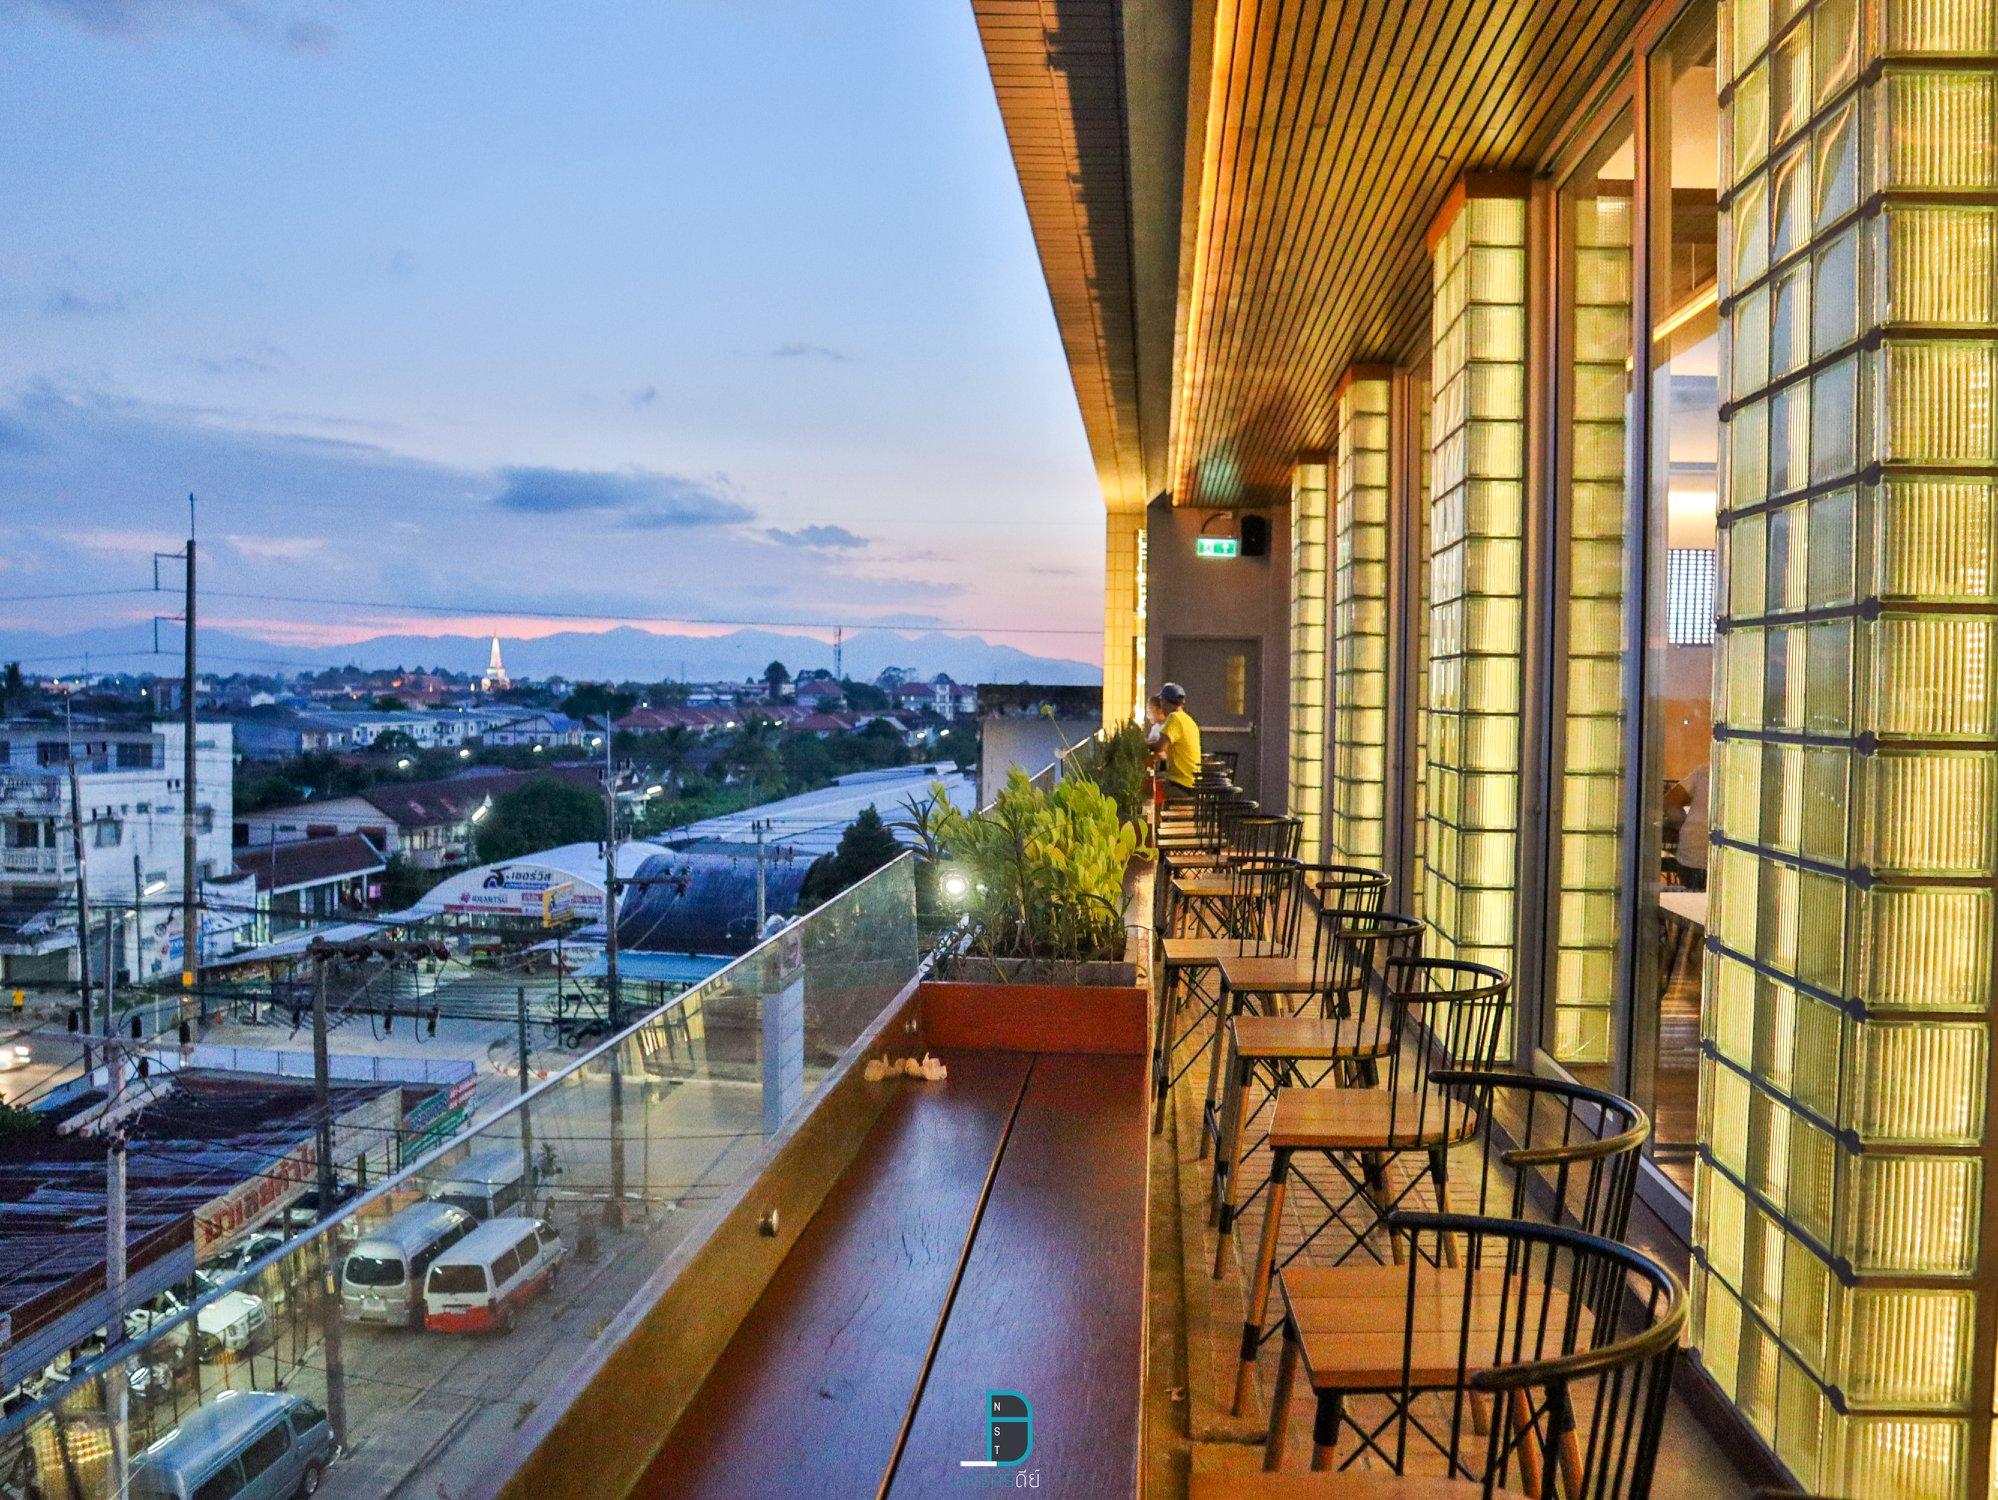 แลคอน,rooftop,นครศรีธรรมราช,โรงแรม,ร้านอาหาร,เด็ด,สวย,วิวหลักล้าน